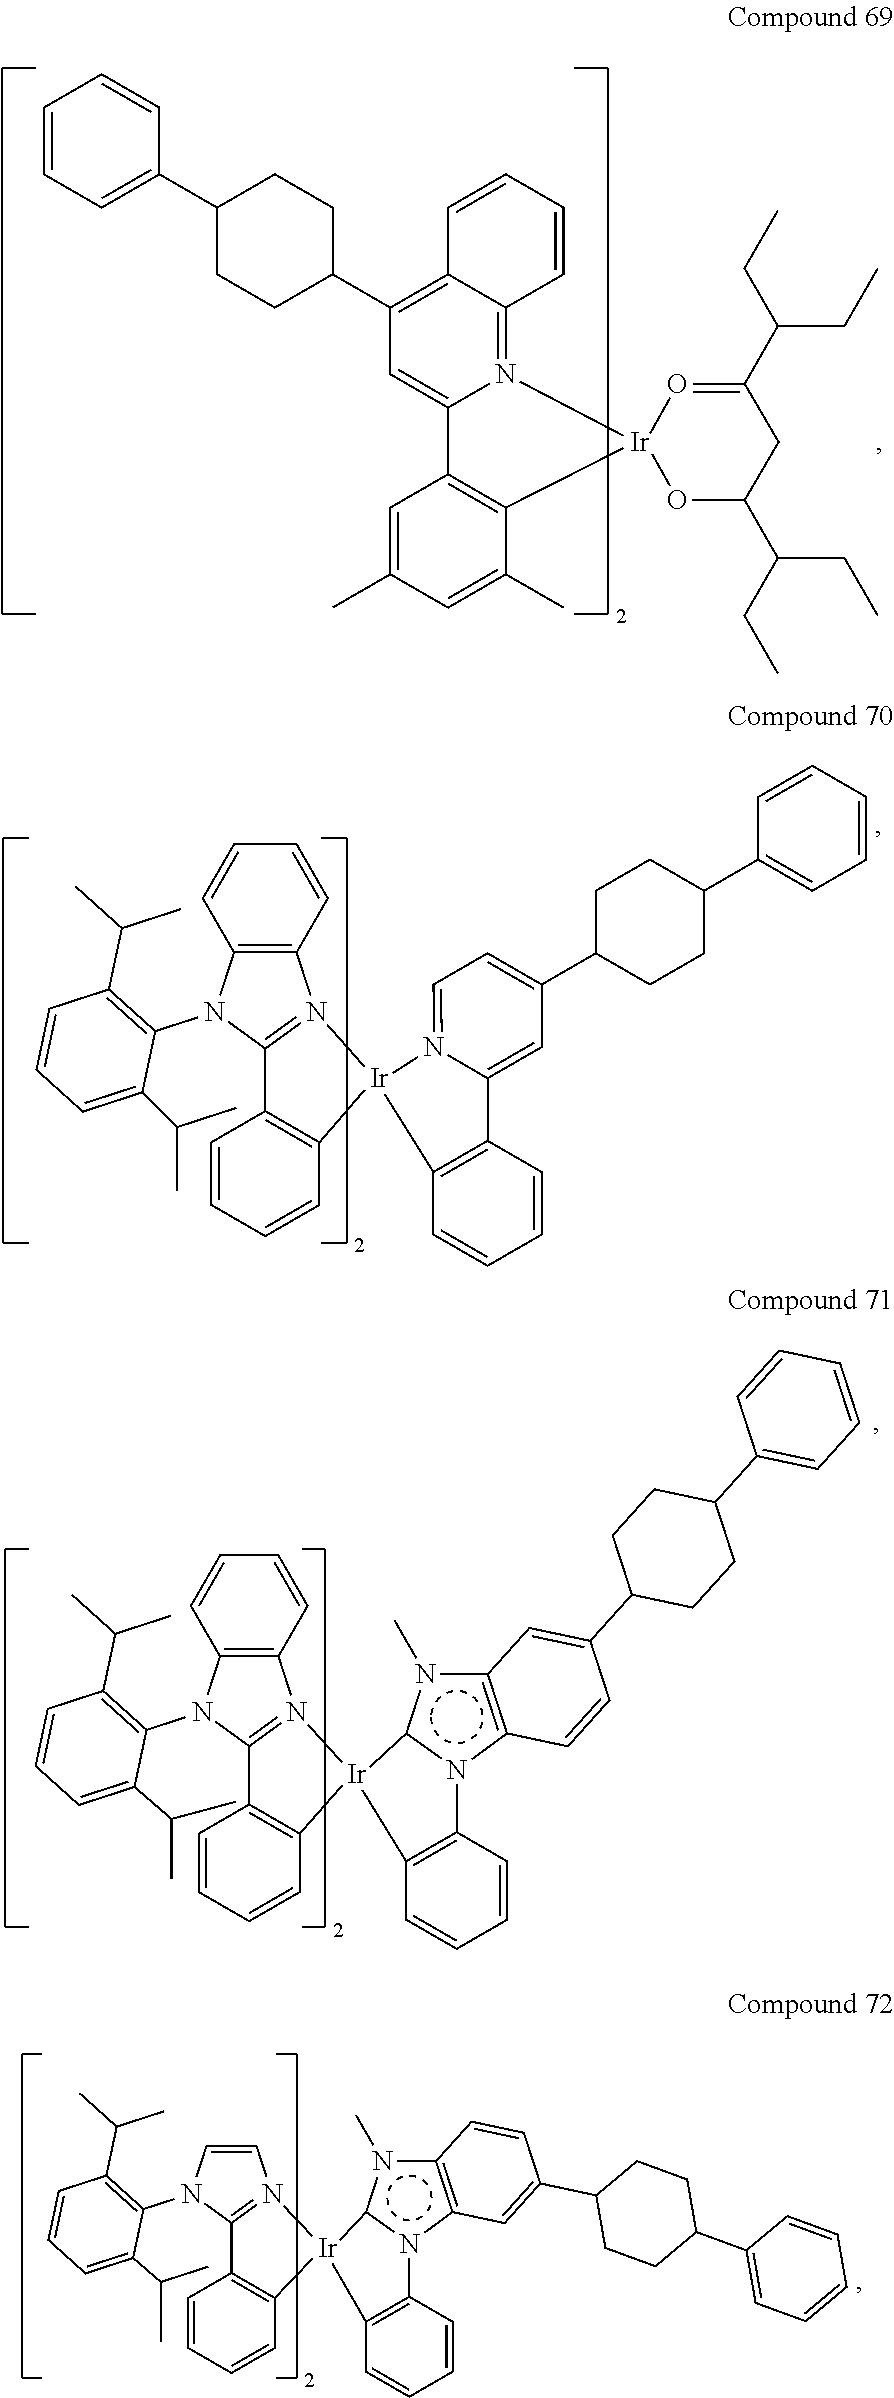 Figure US20180076393A1-20180315-C00044